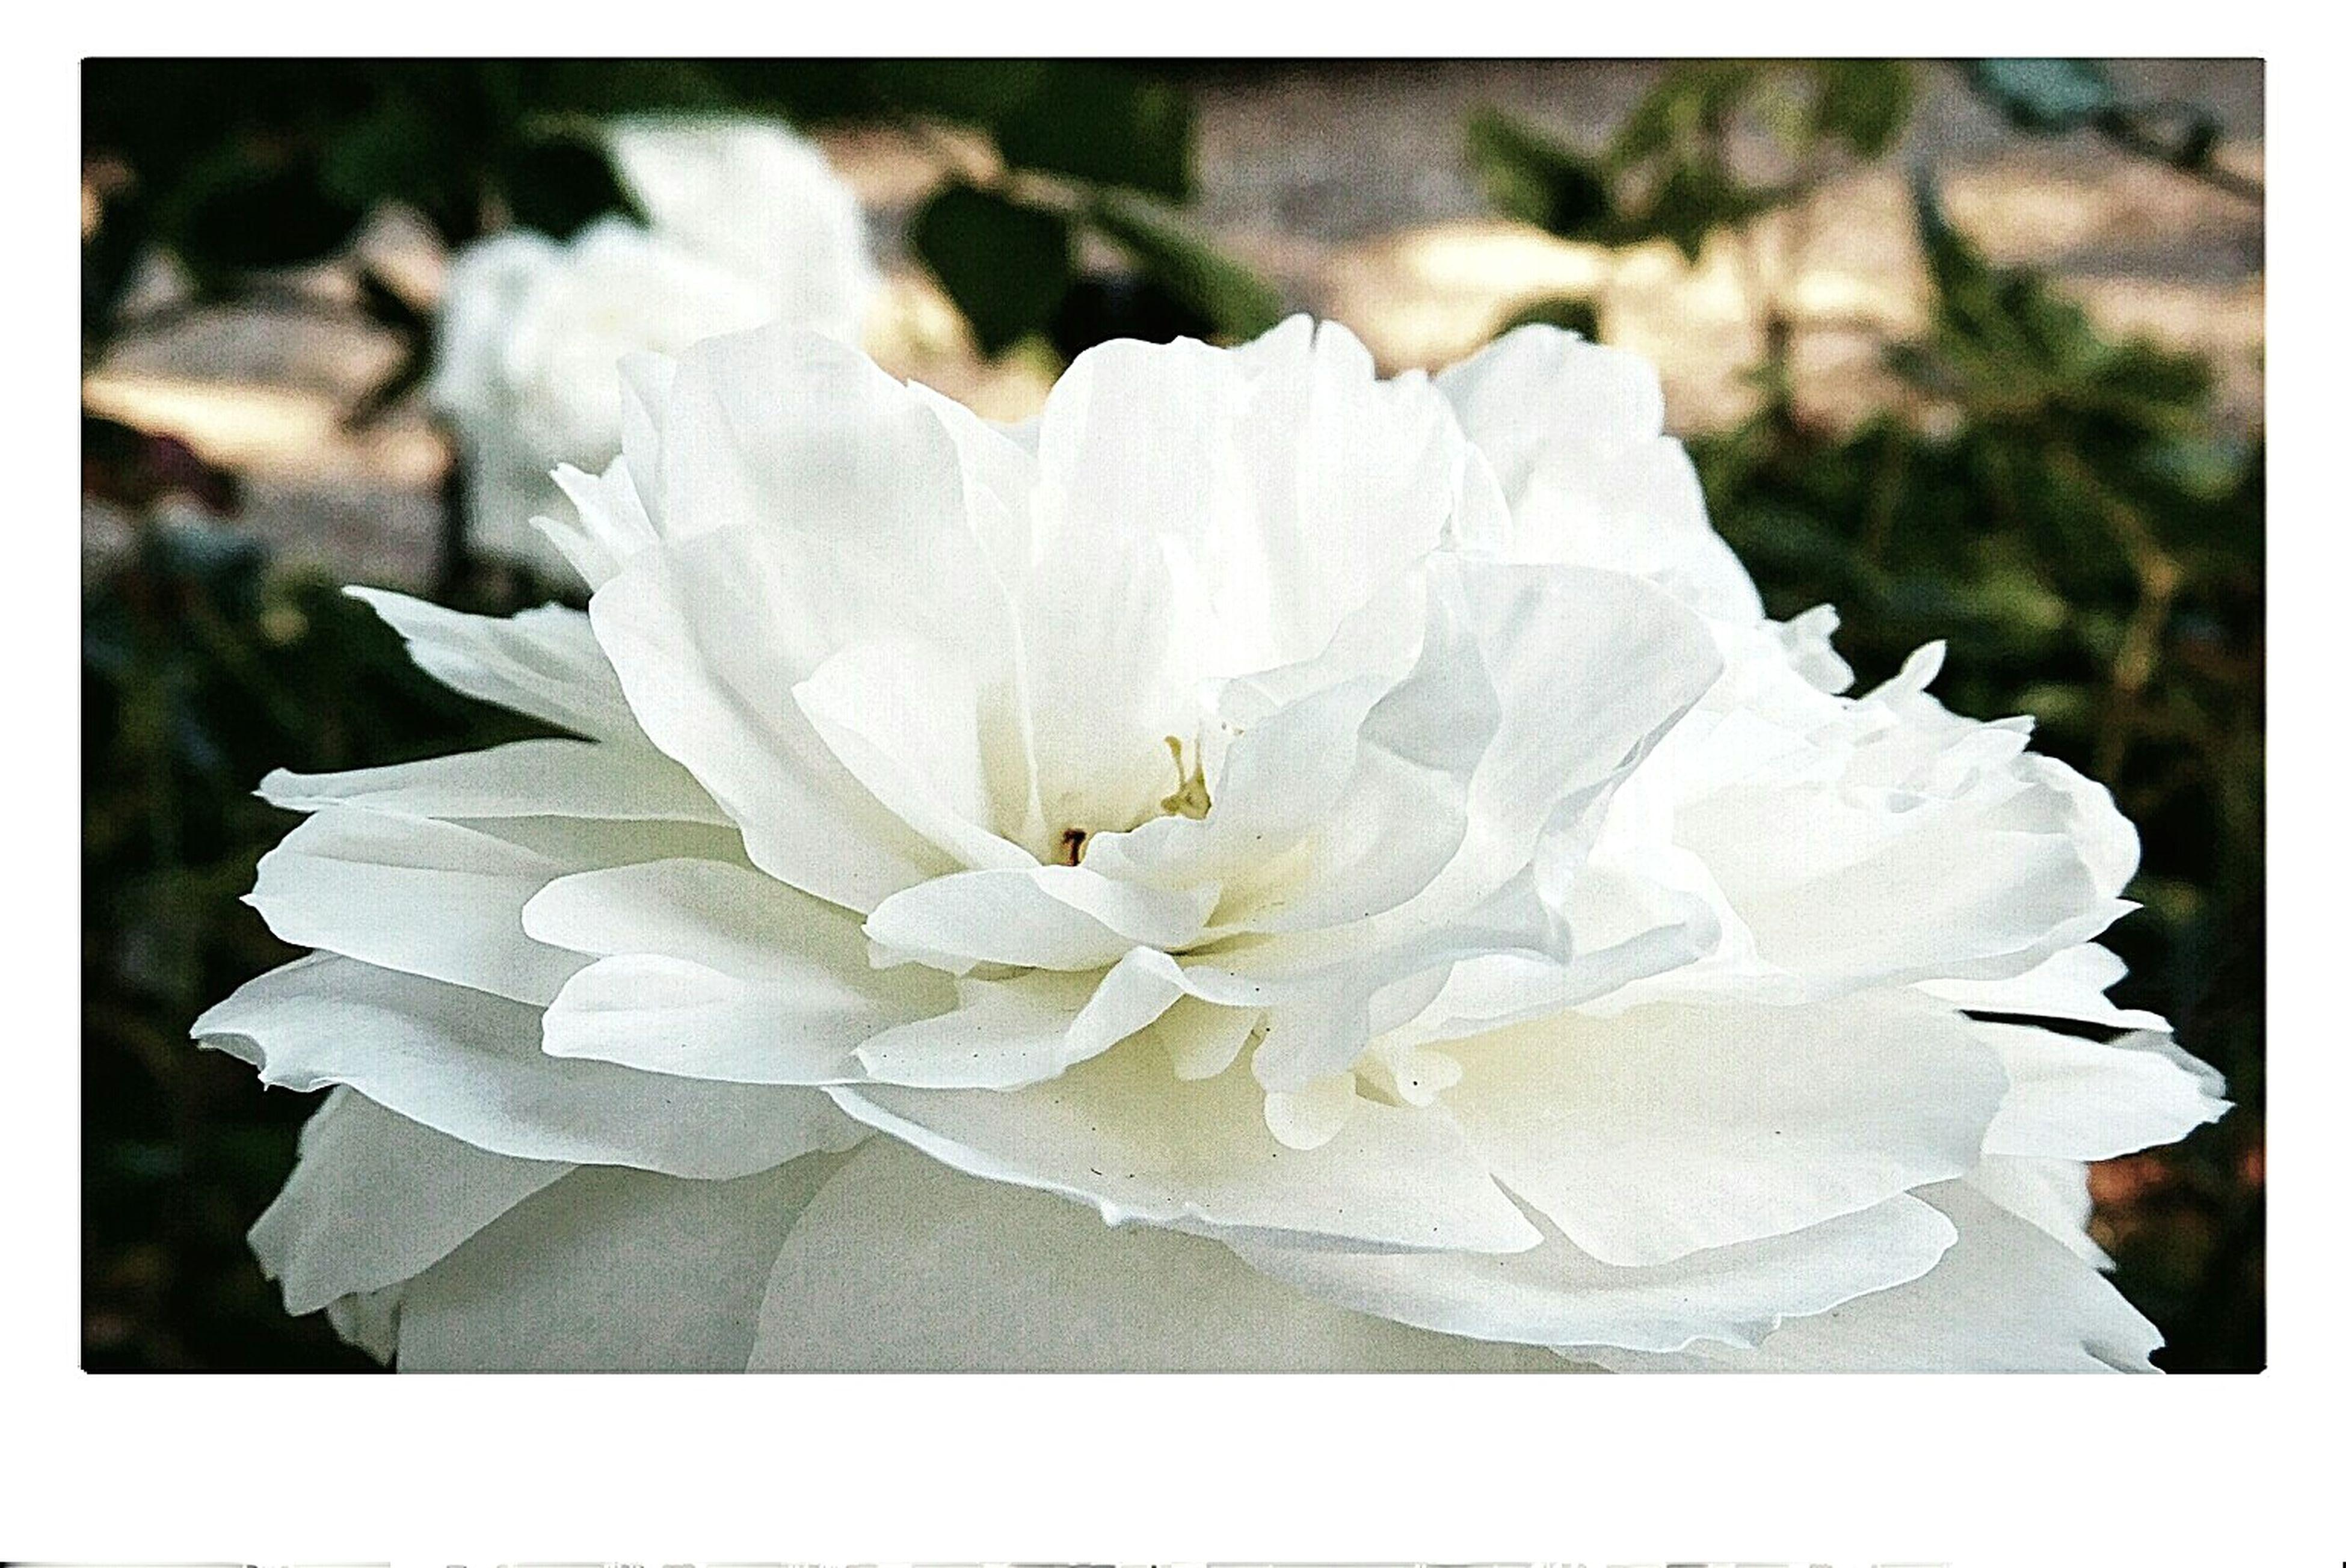 Rosé Susan Williams-ellis Fragility Flower Beauty In Nature Senteur Parc De Bagatelle Paris ♥